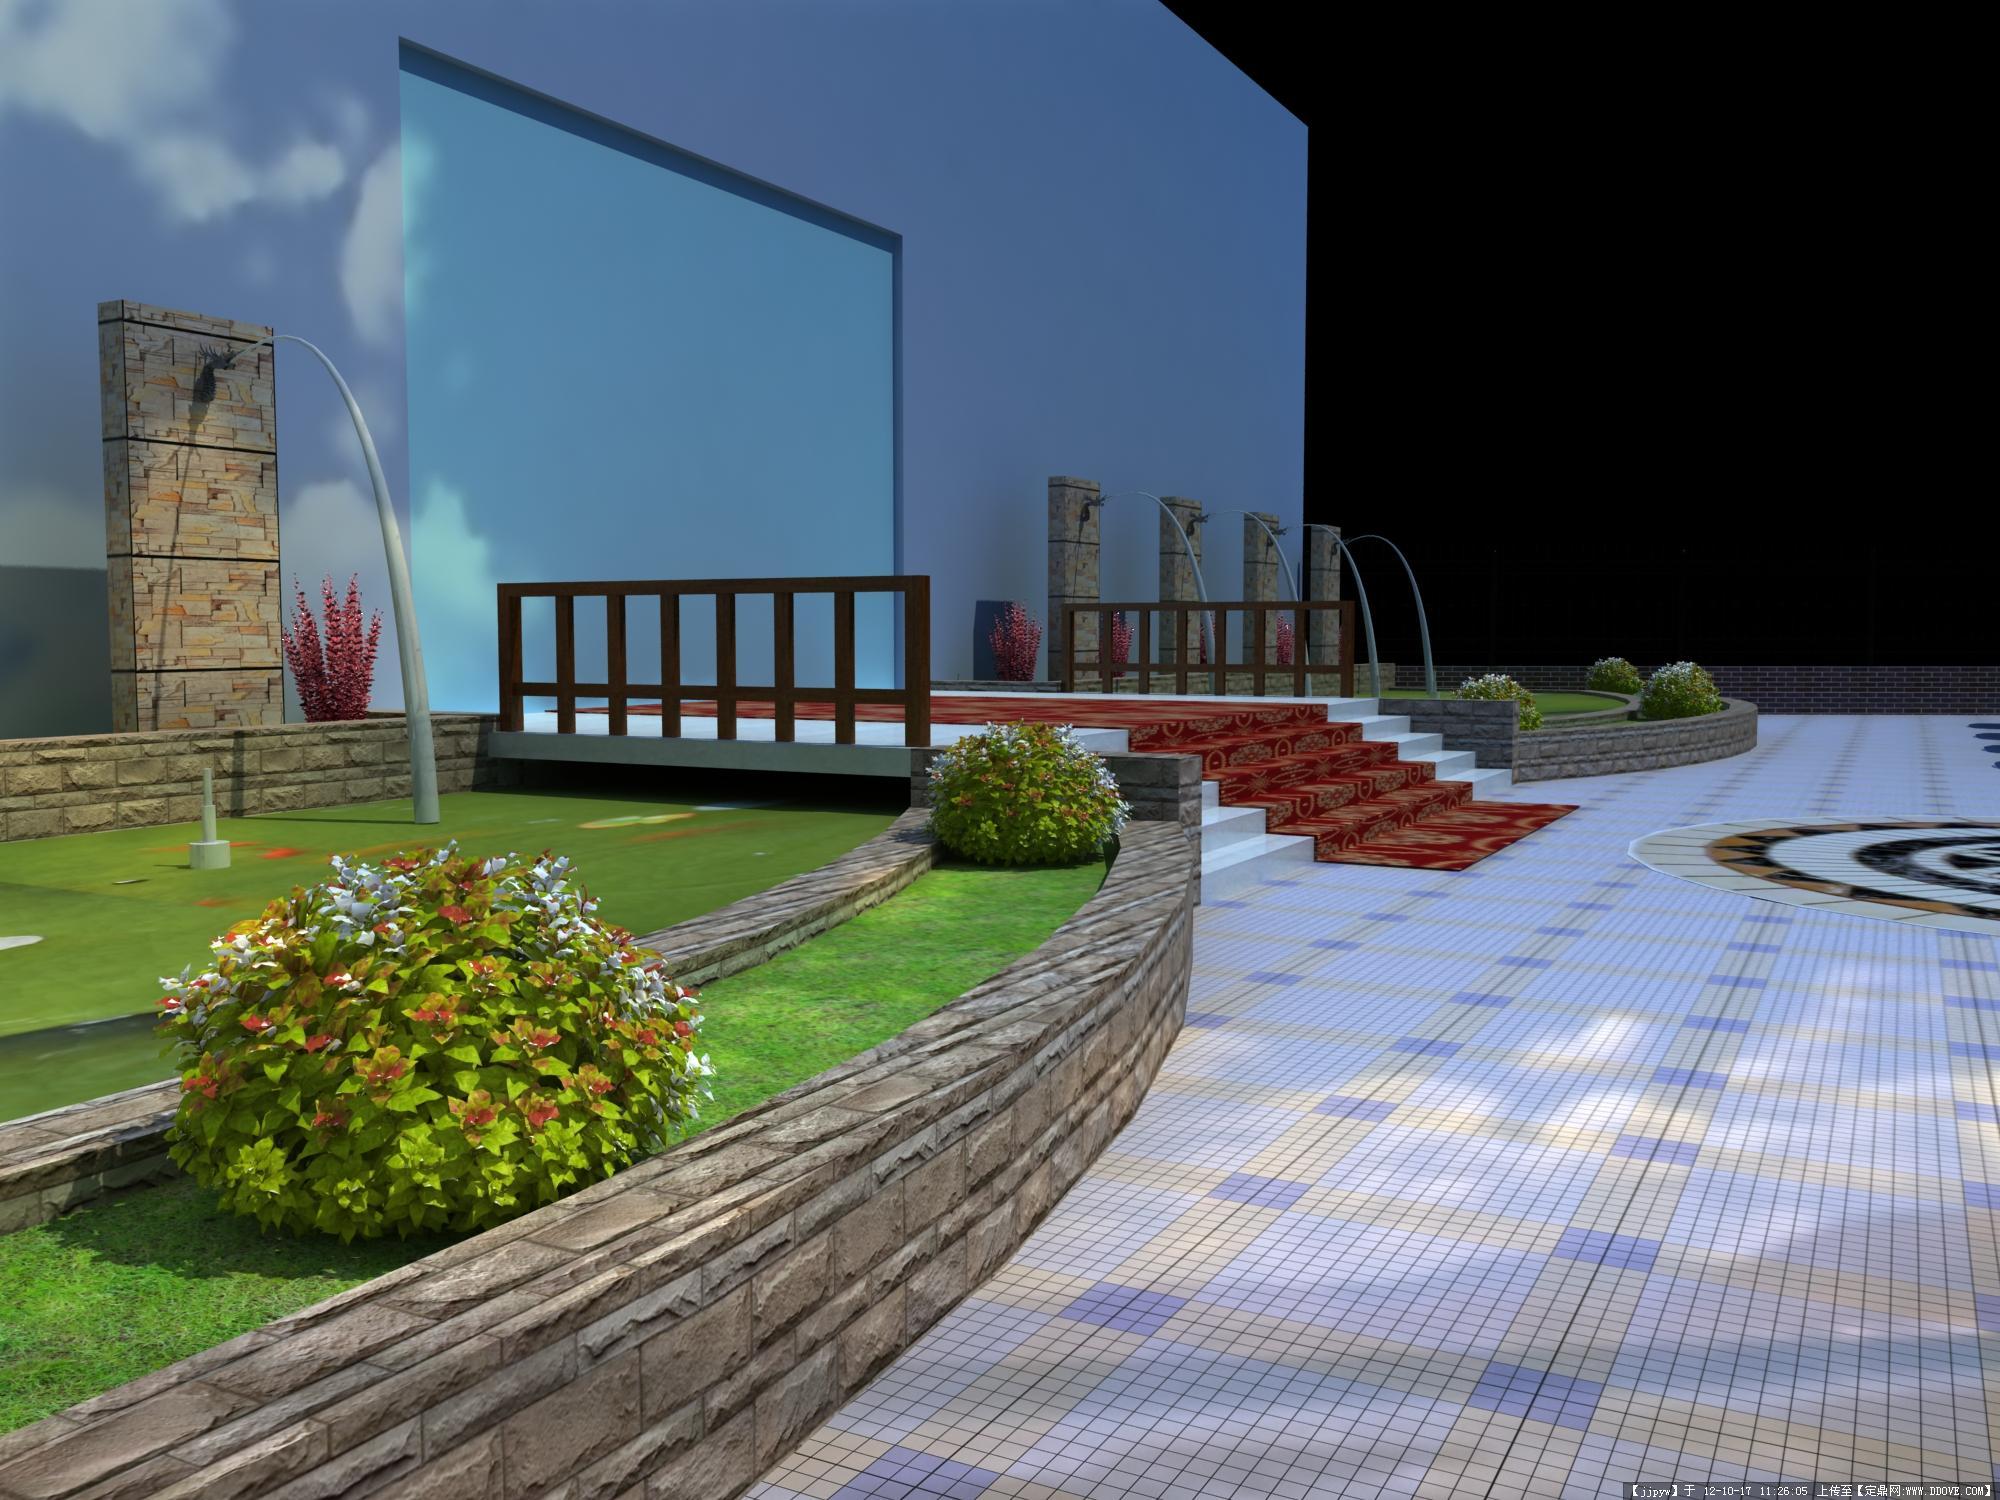 售楼处景观效果图的图片浏览,园林效果图,商业街区,_.